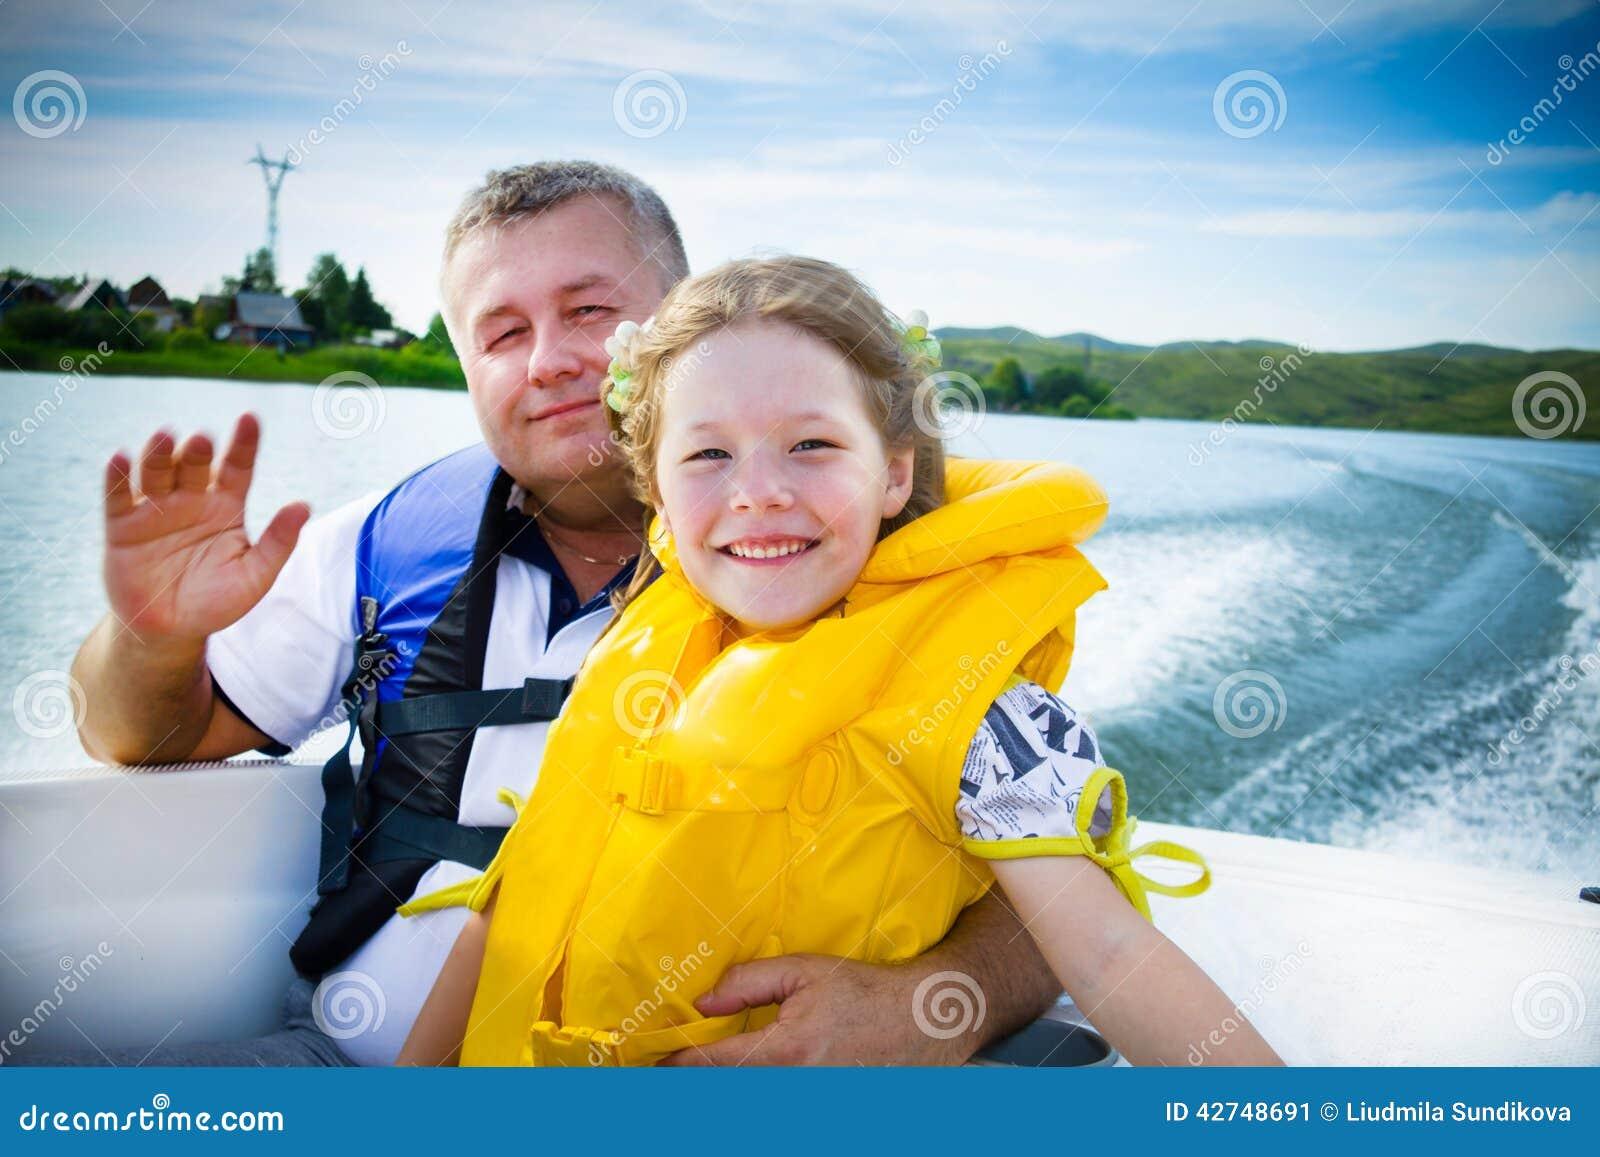 łódkowata dzieci podróży woda